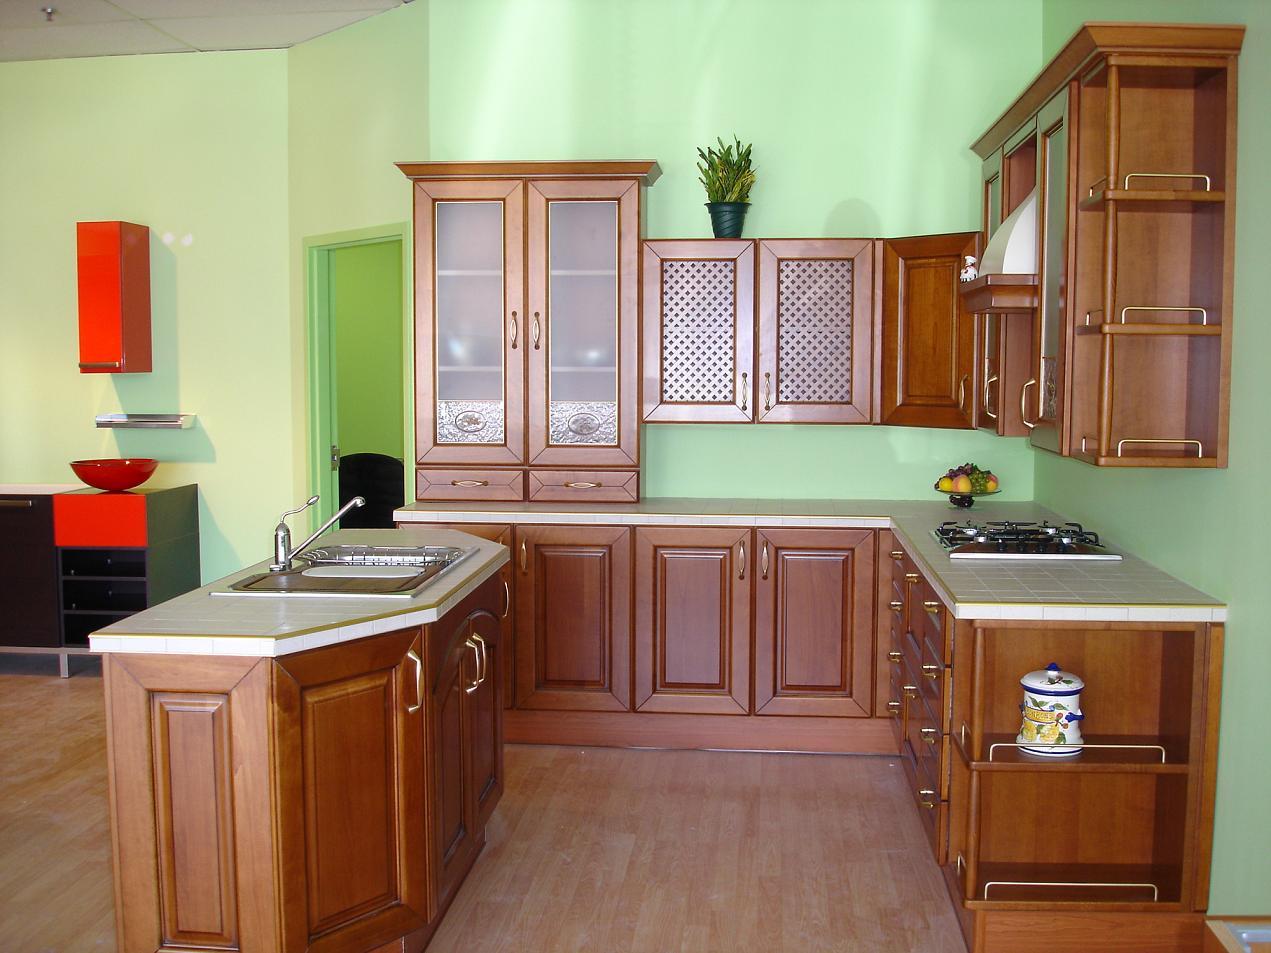 tu bep chu L bang go giang huong2 Cùng nhìn qua ưu điểm của các kiểu dáng tủ bếp